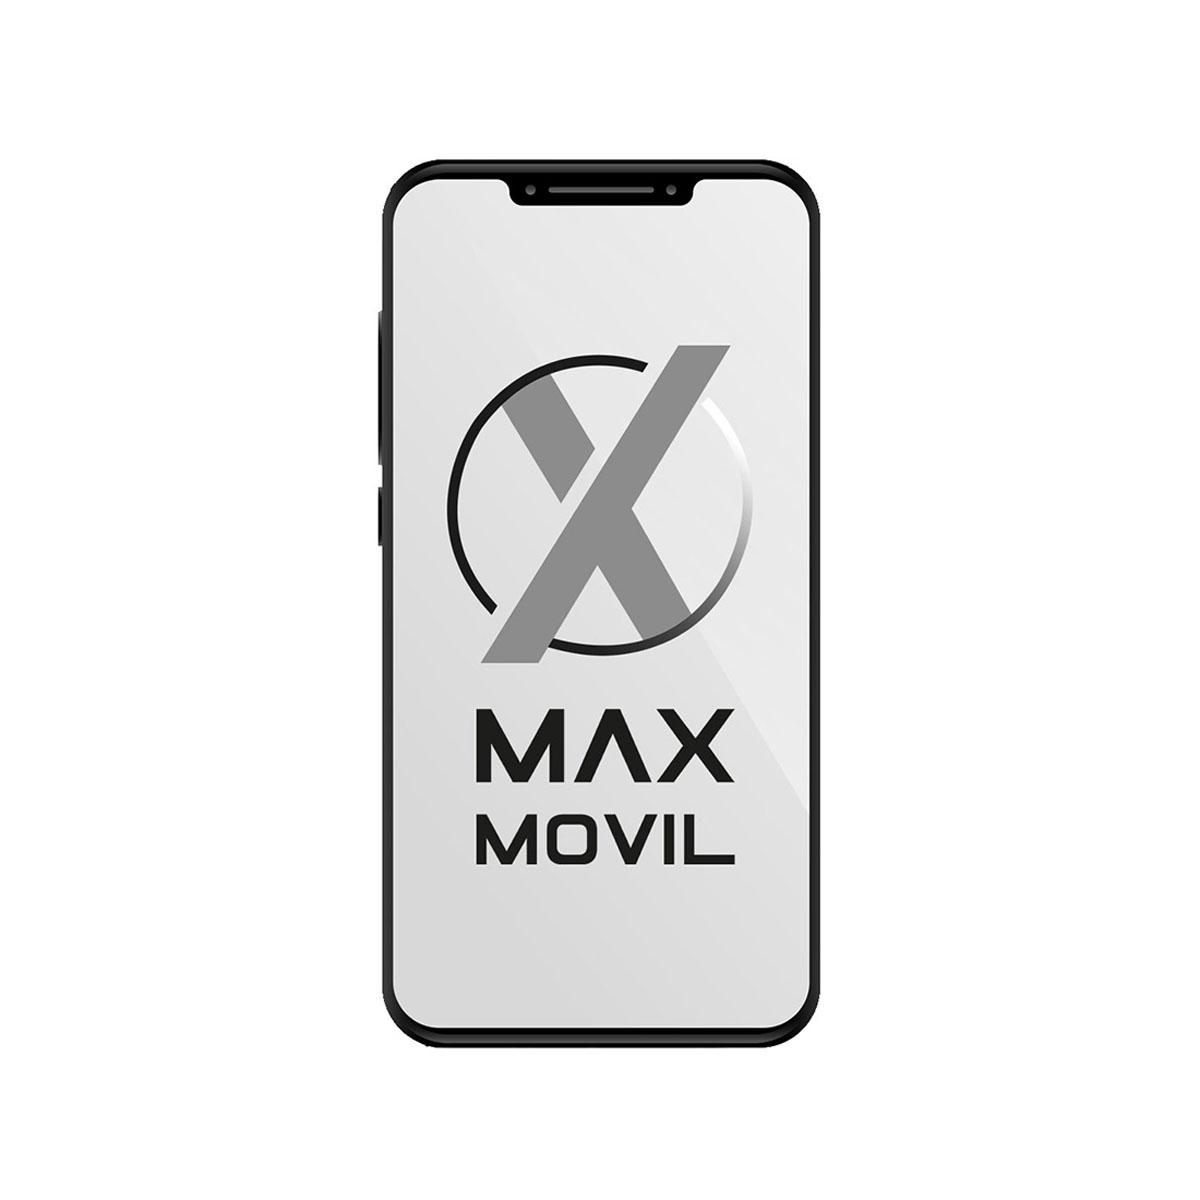 Modulo multimedia USB-A/A Keystone Keynet 45x22,5 blanco.